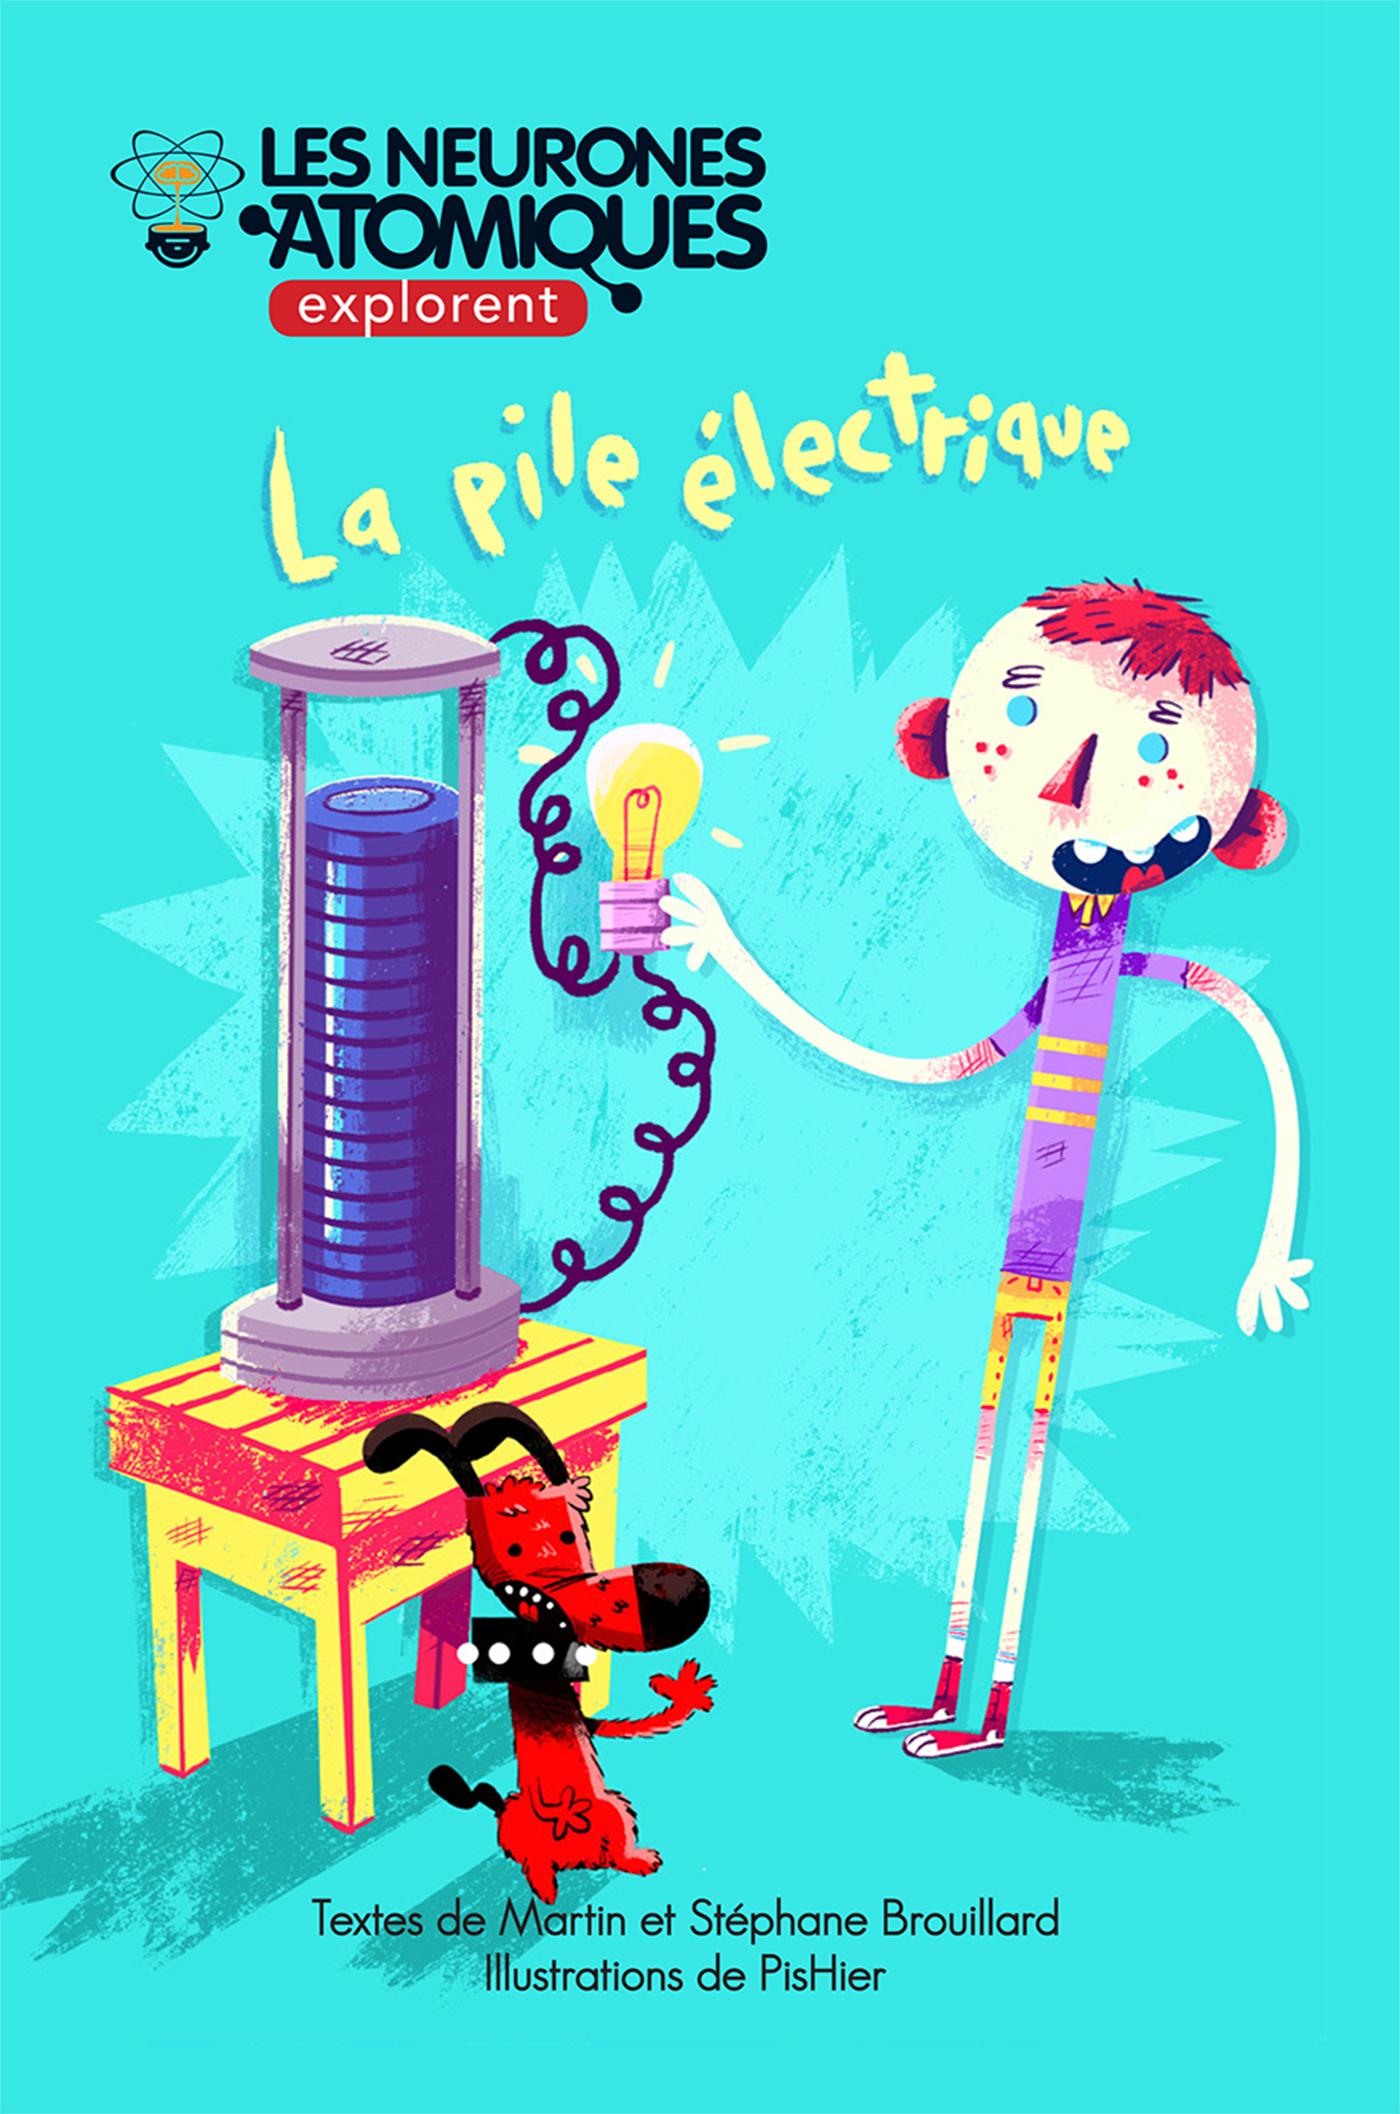 Les Neurones Atomiques explorent la pile électrique